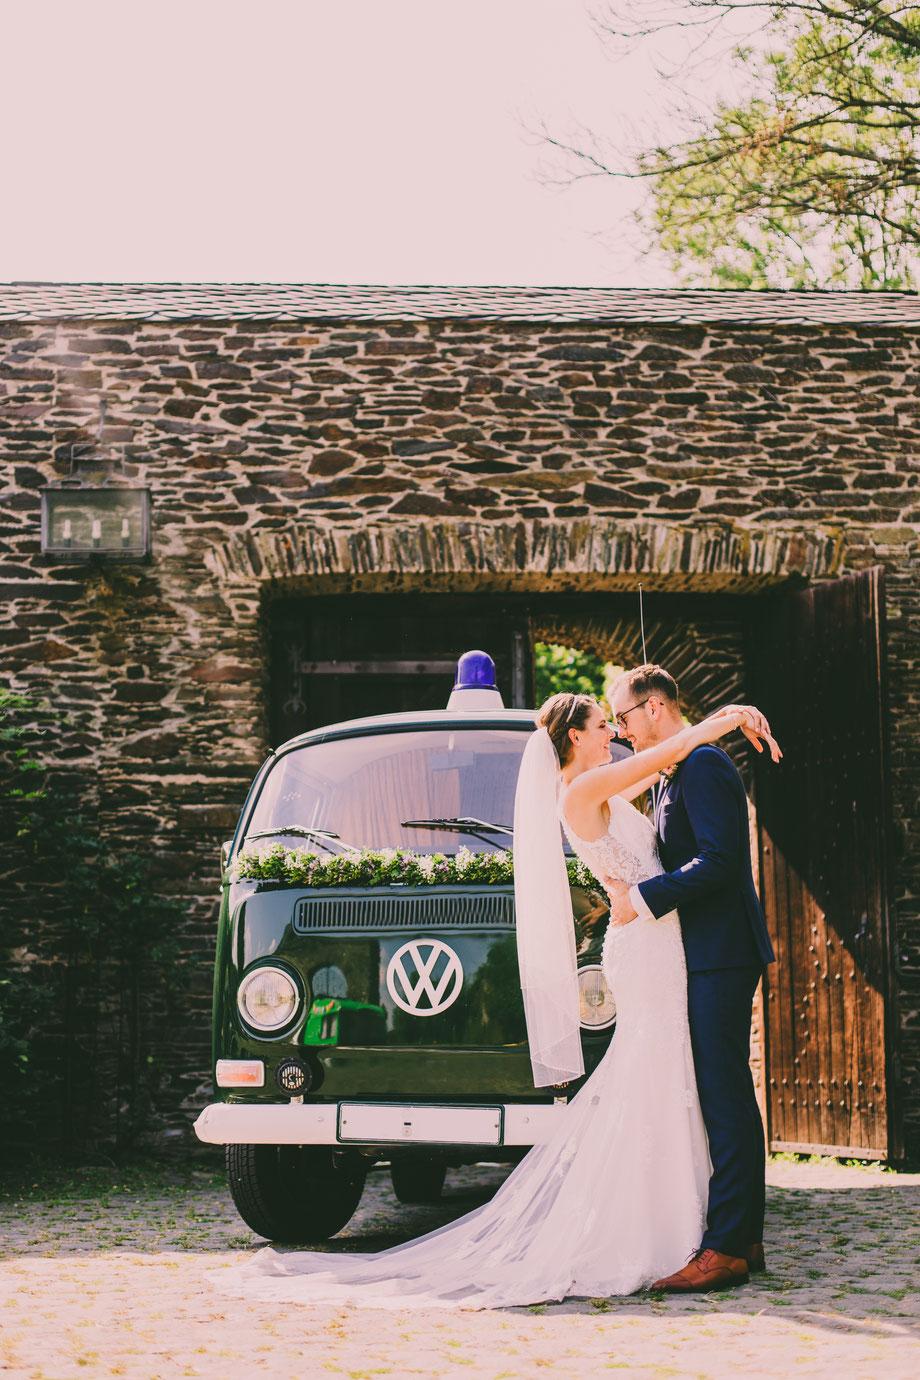 Brautpaarshooting mit VW Bully, Emotionale und authentische Hochzeitsfotografie in Koblenz